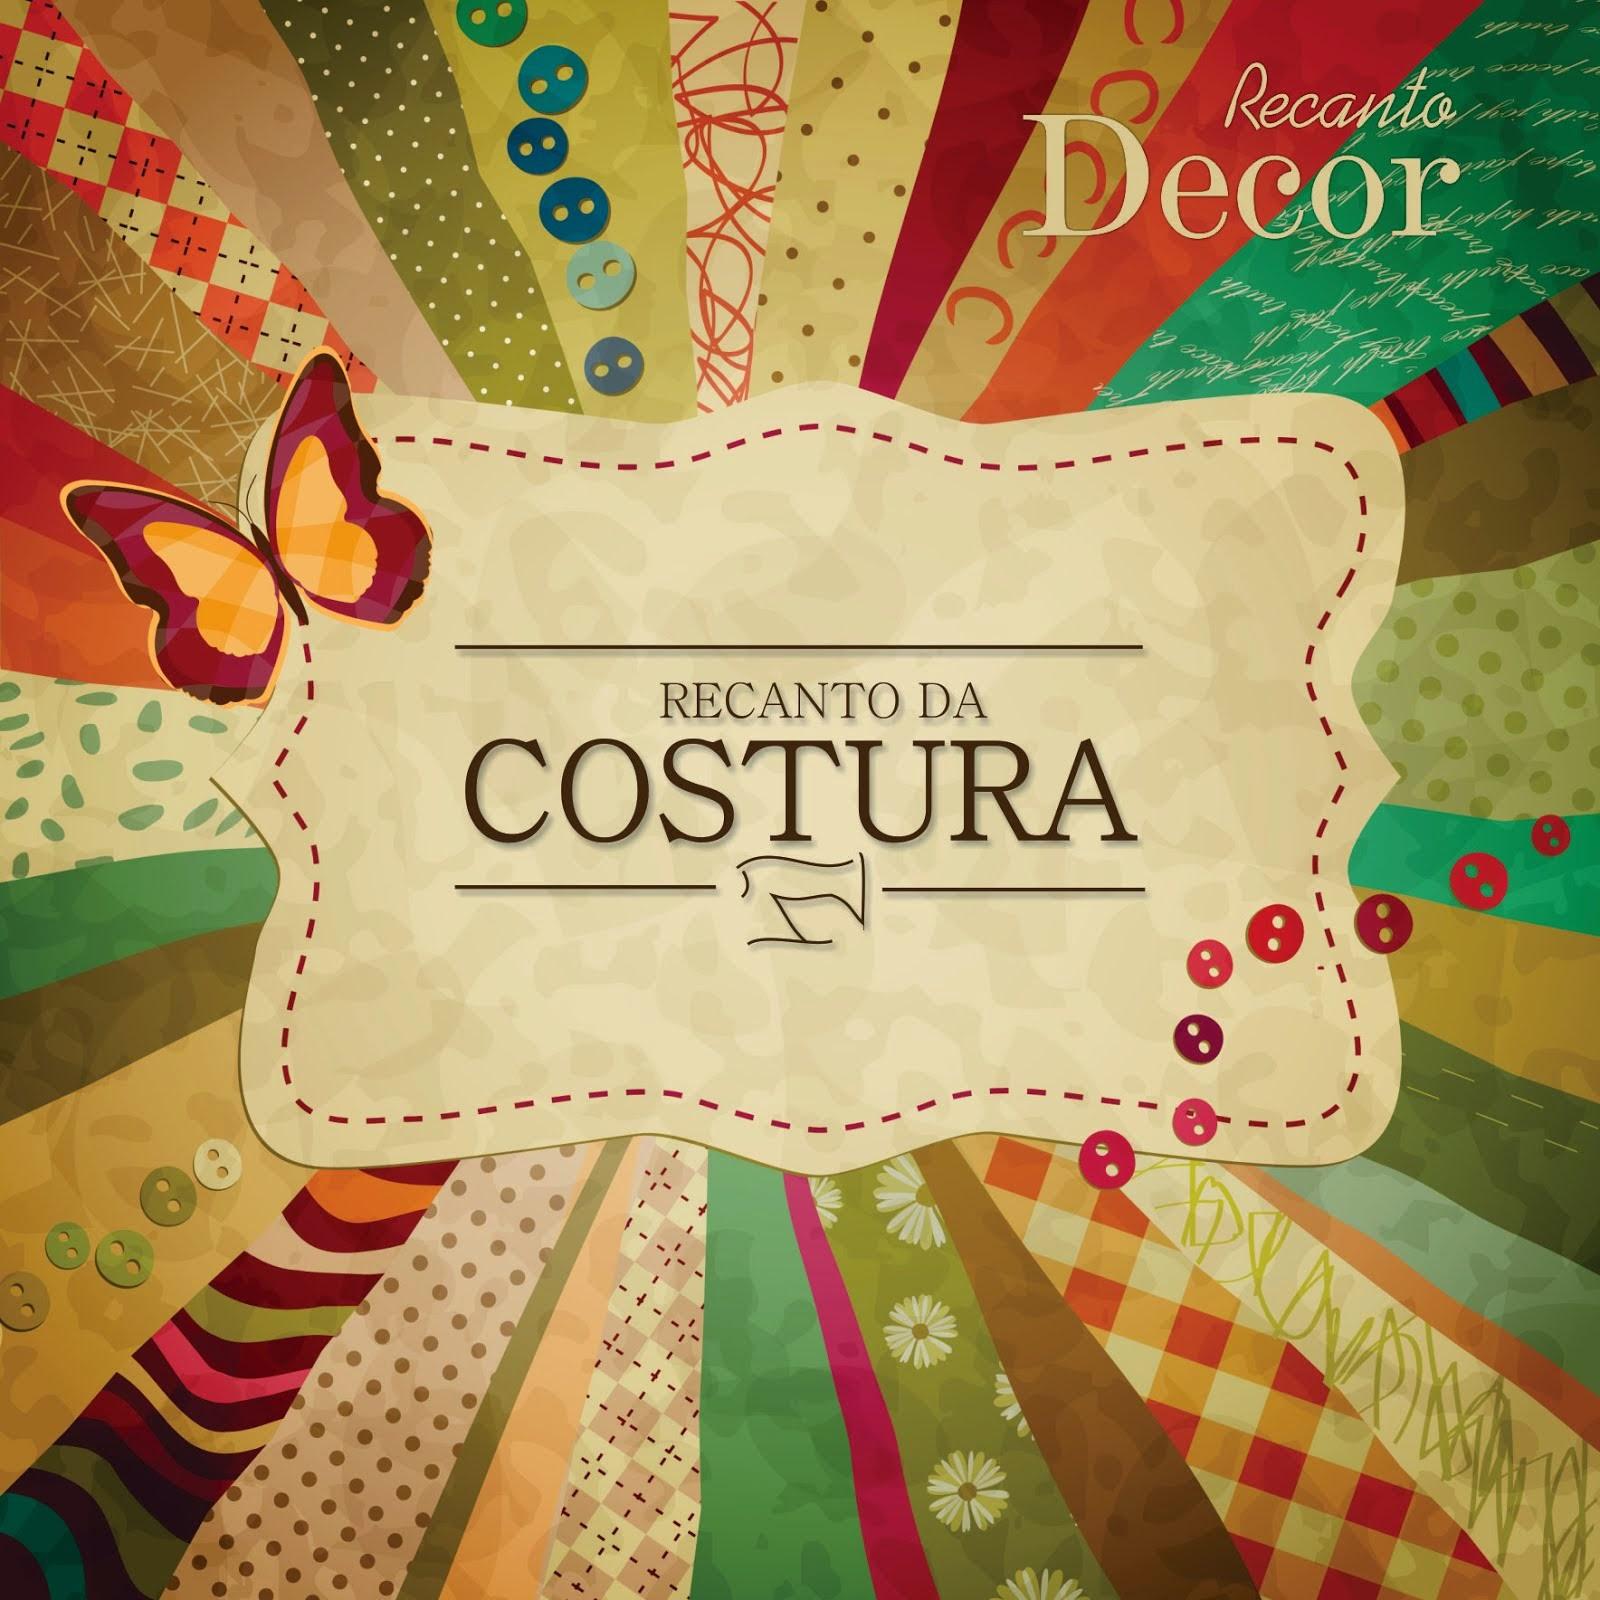 Catálogo Recanto Decor 2015